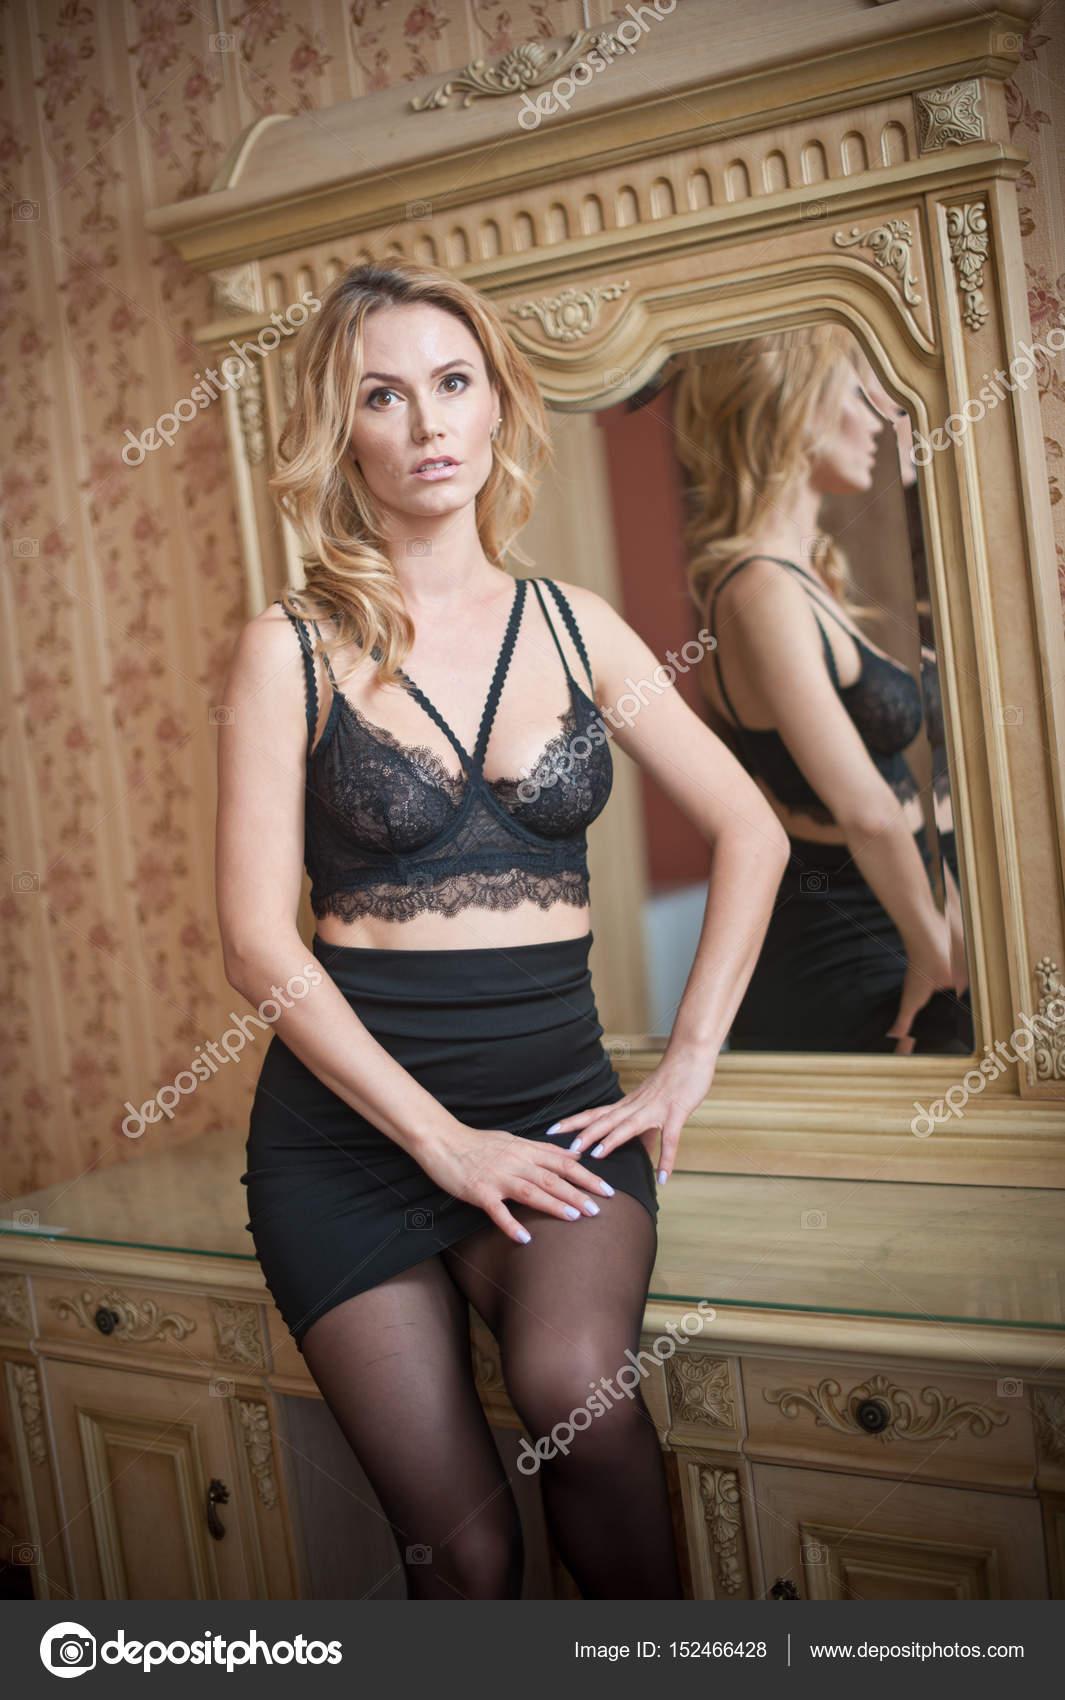 61fd55fe3 Jovem bela mulher sexy sutiã preto e saia curta